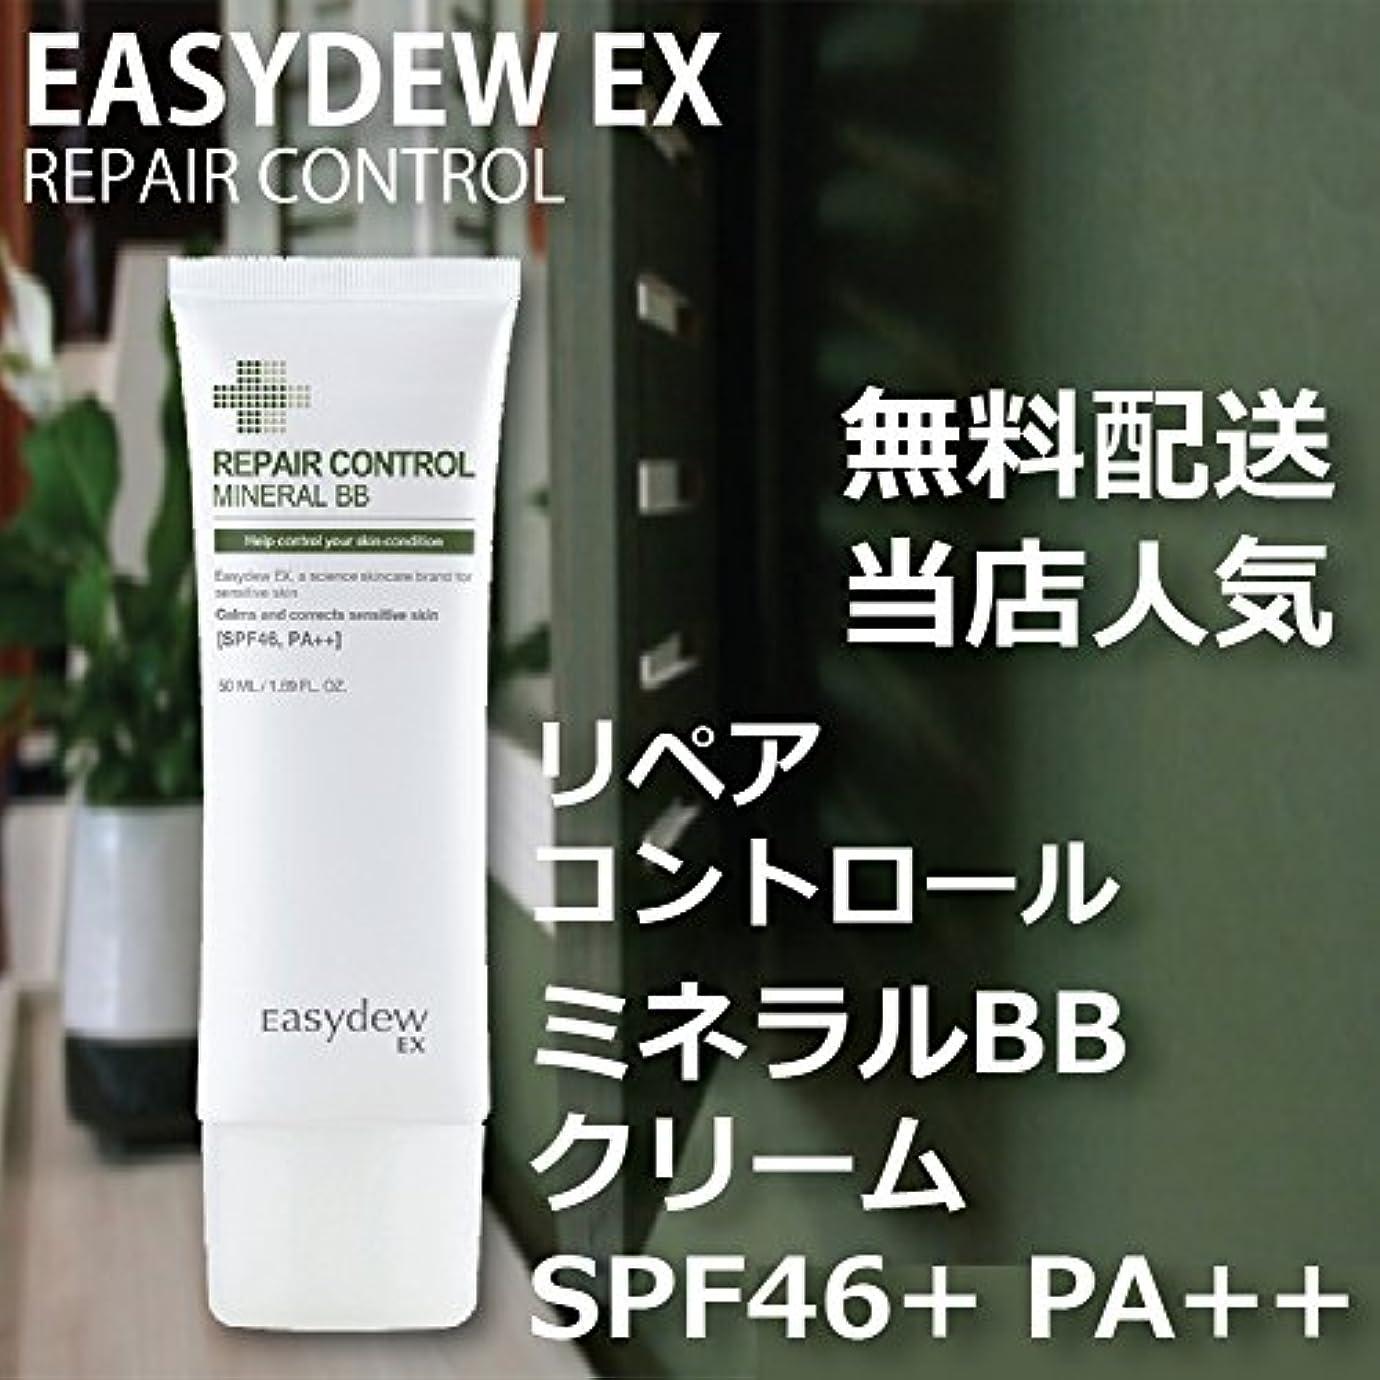 嘆く注釈を付ける水族館EASY DEW EX ミネラル BBクリーム SPF46+ PA++ 50ml MINRAL BB CREAM 韓国 人気 コスメ イージーデュー 敏感 乾燥 美白 しわ 3重機能性